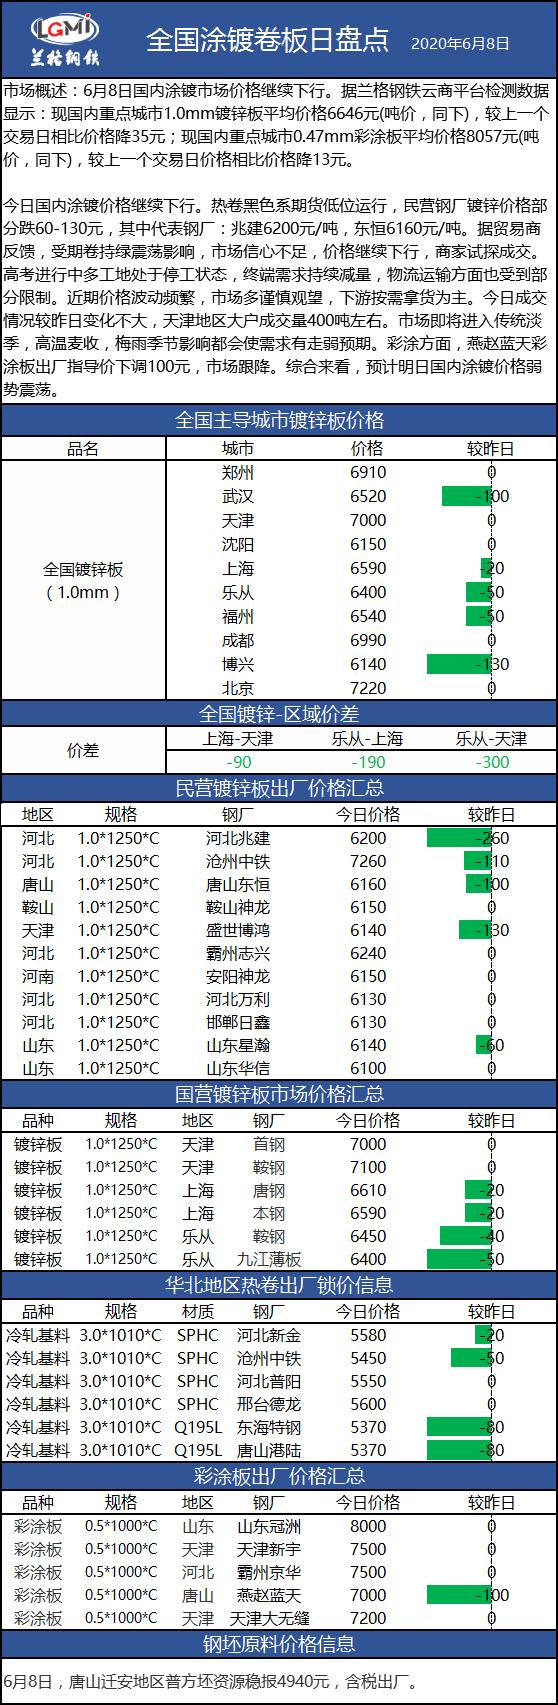 兰格涂镀板卷日盘点(6.8):涂镀价格继续下行 市场成交缩量